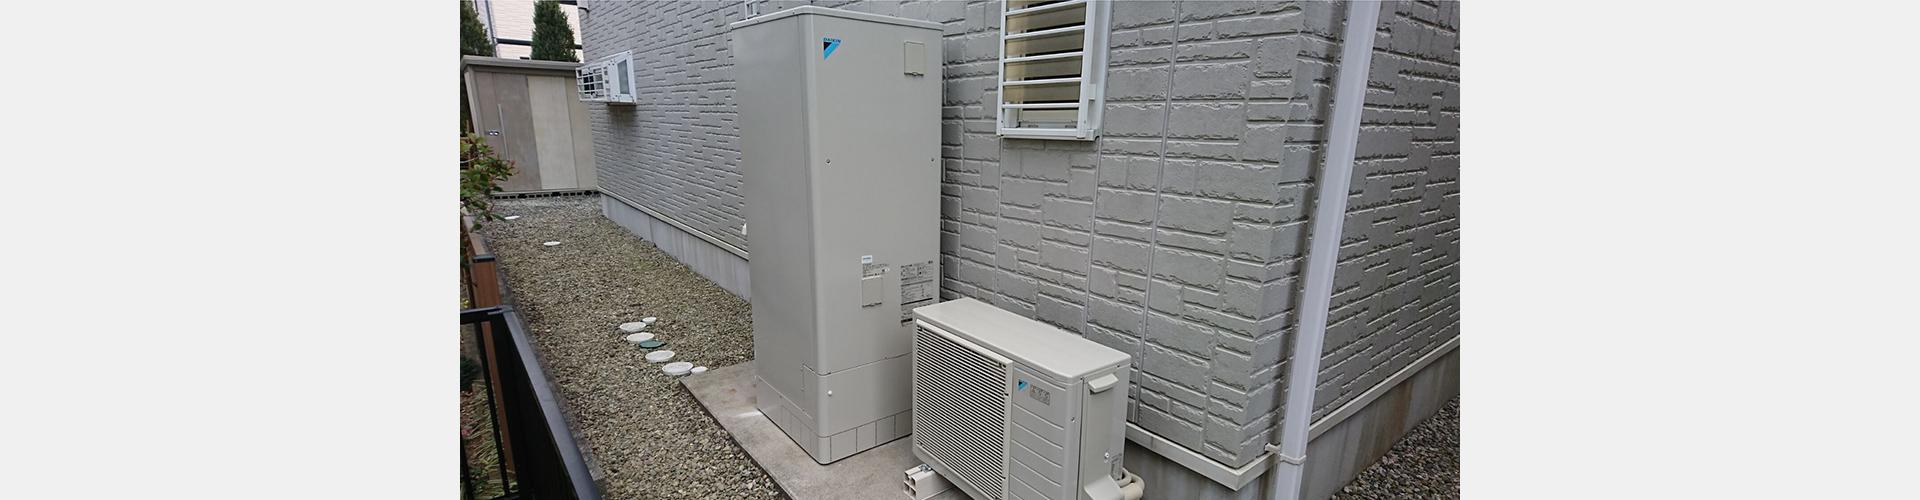 大気の熱を利用し、少しの電気で効率よくお湯を沸かすシステム